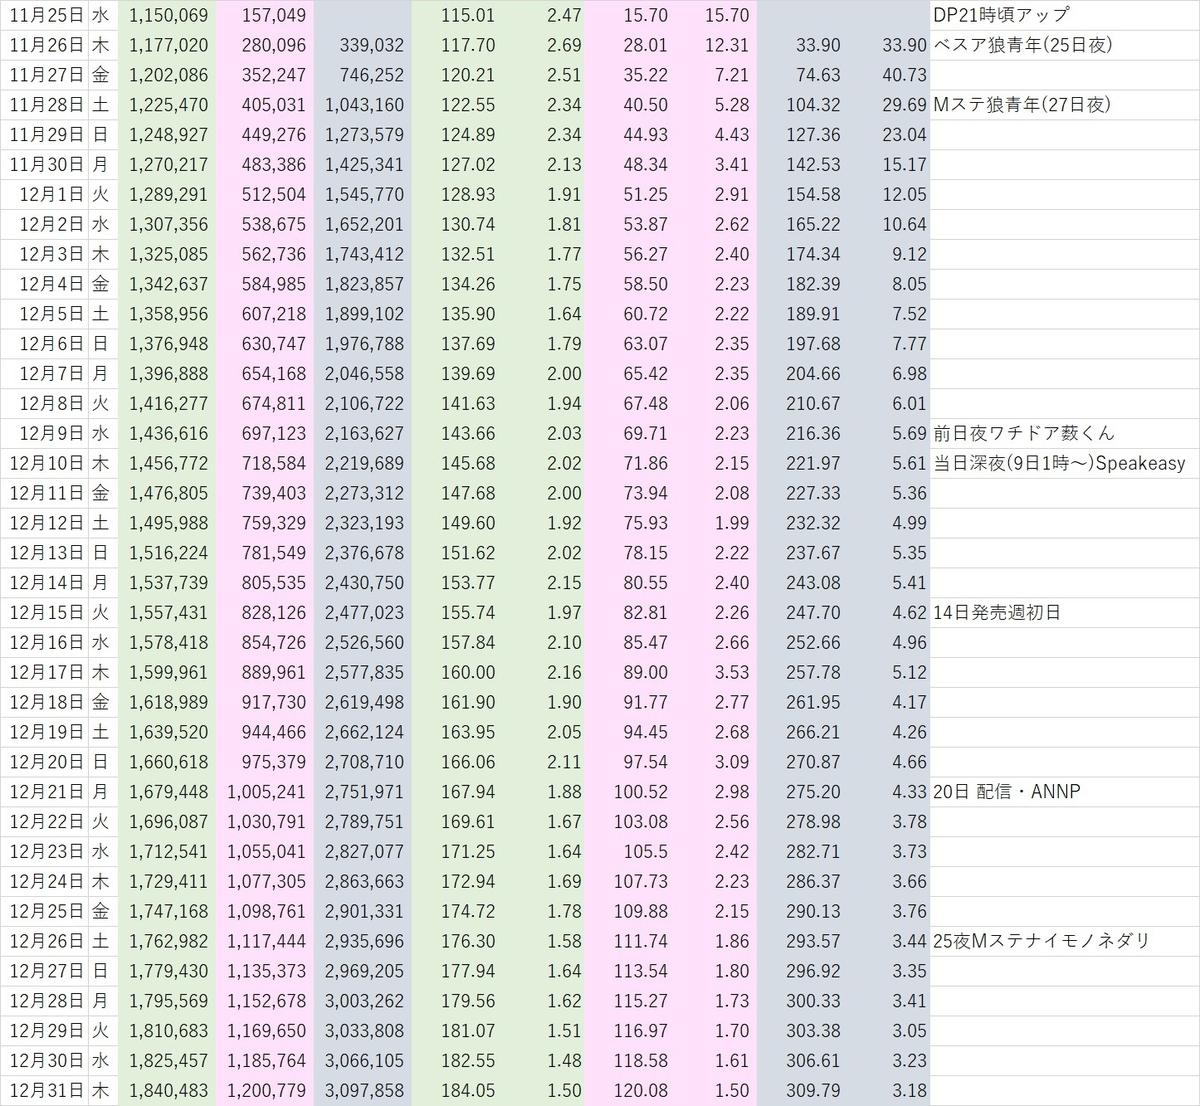 f:id:yua_622:20210215154755j:plain